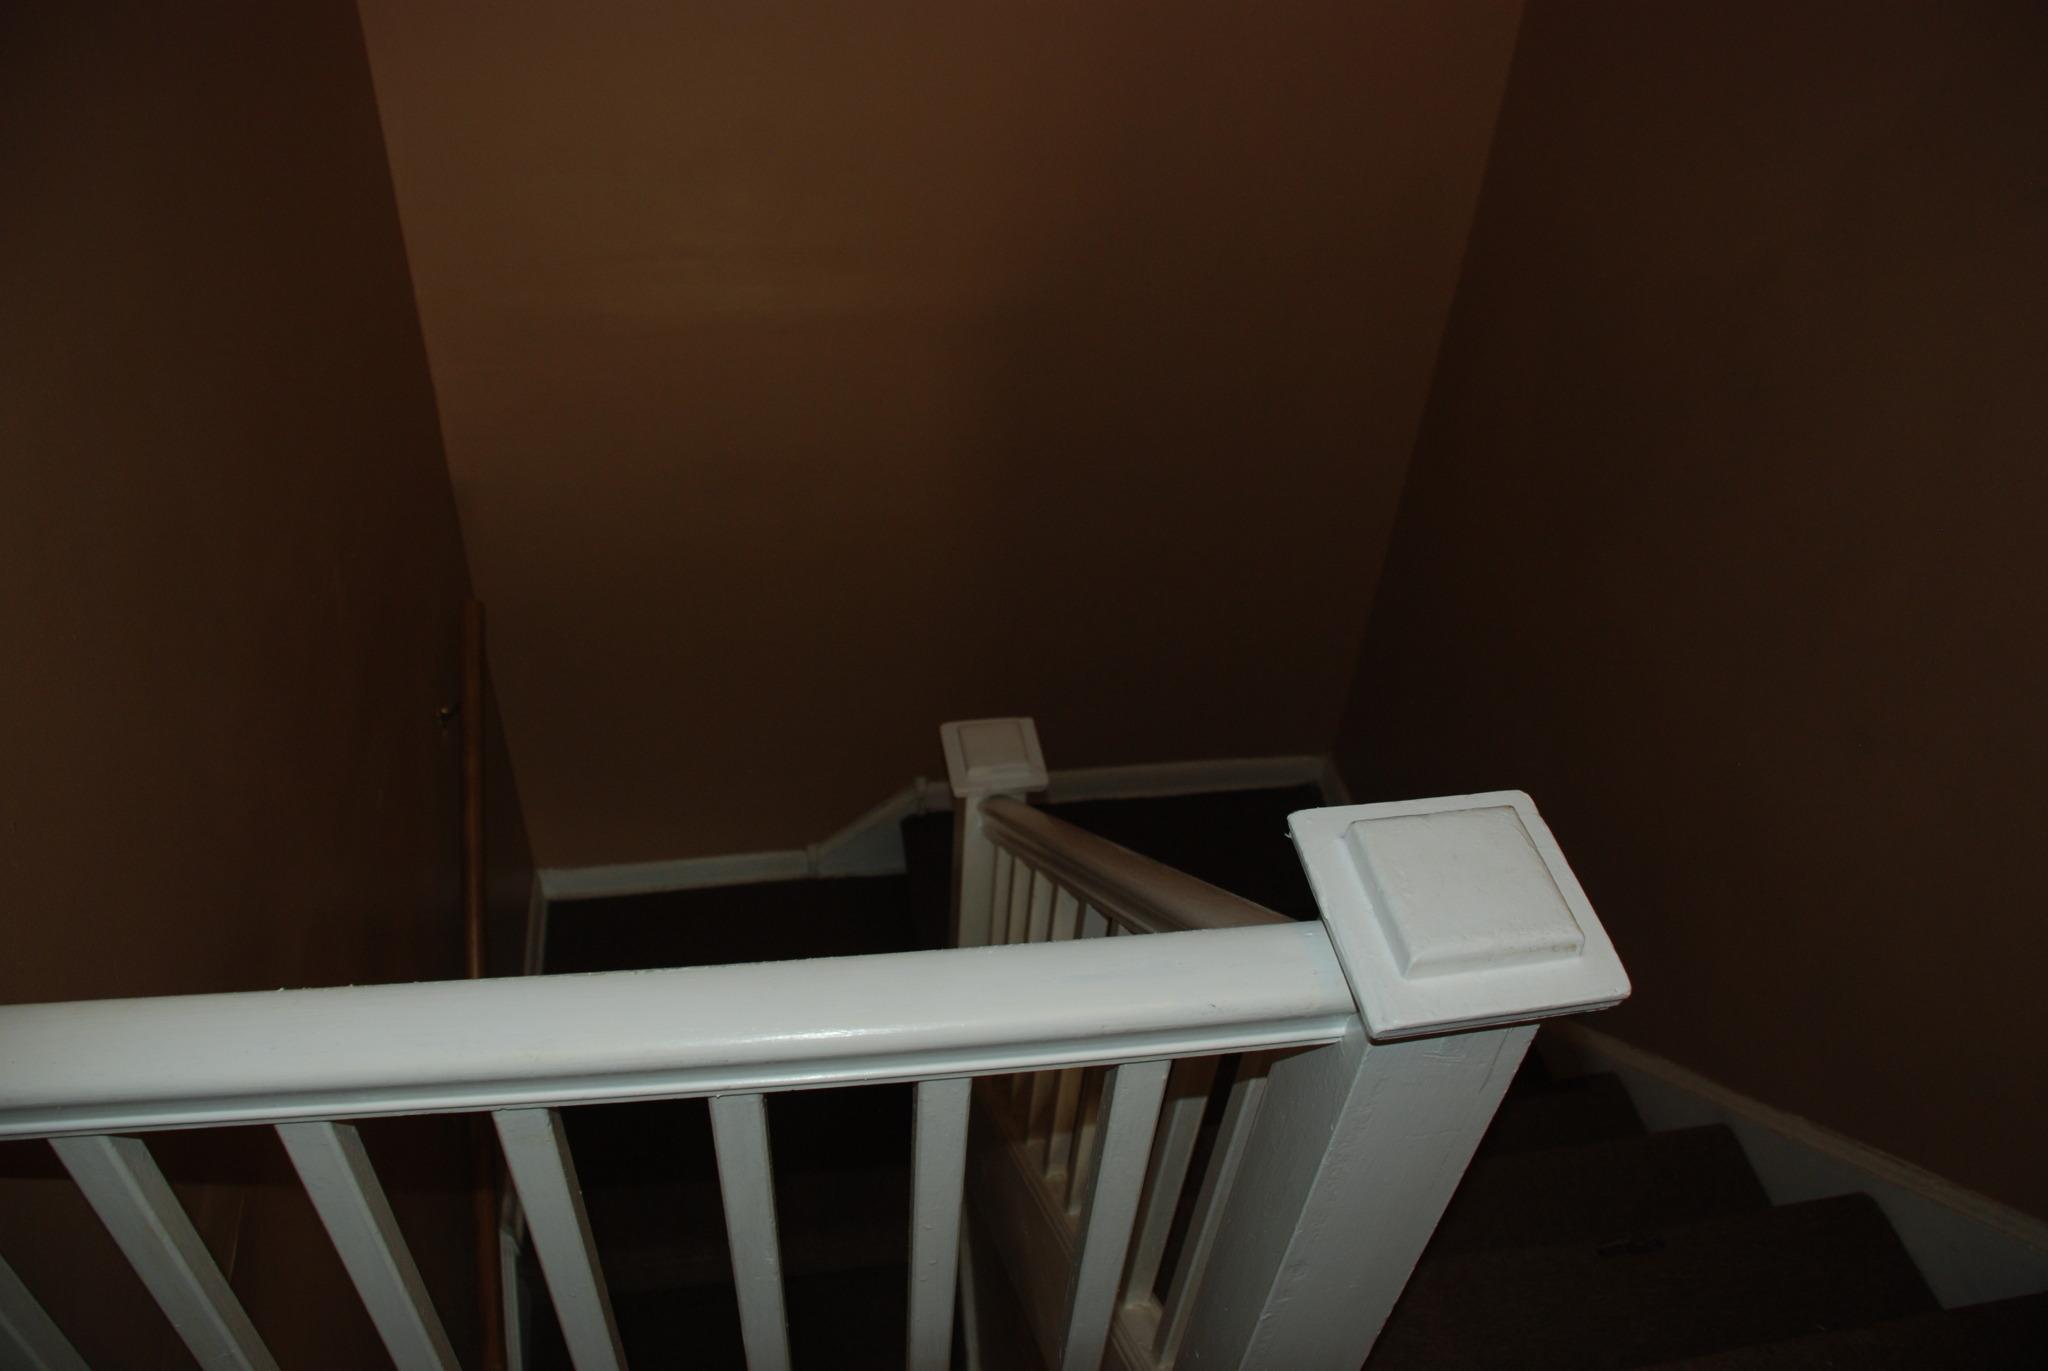 129 Bridge Interior Stairwell